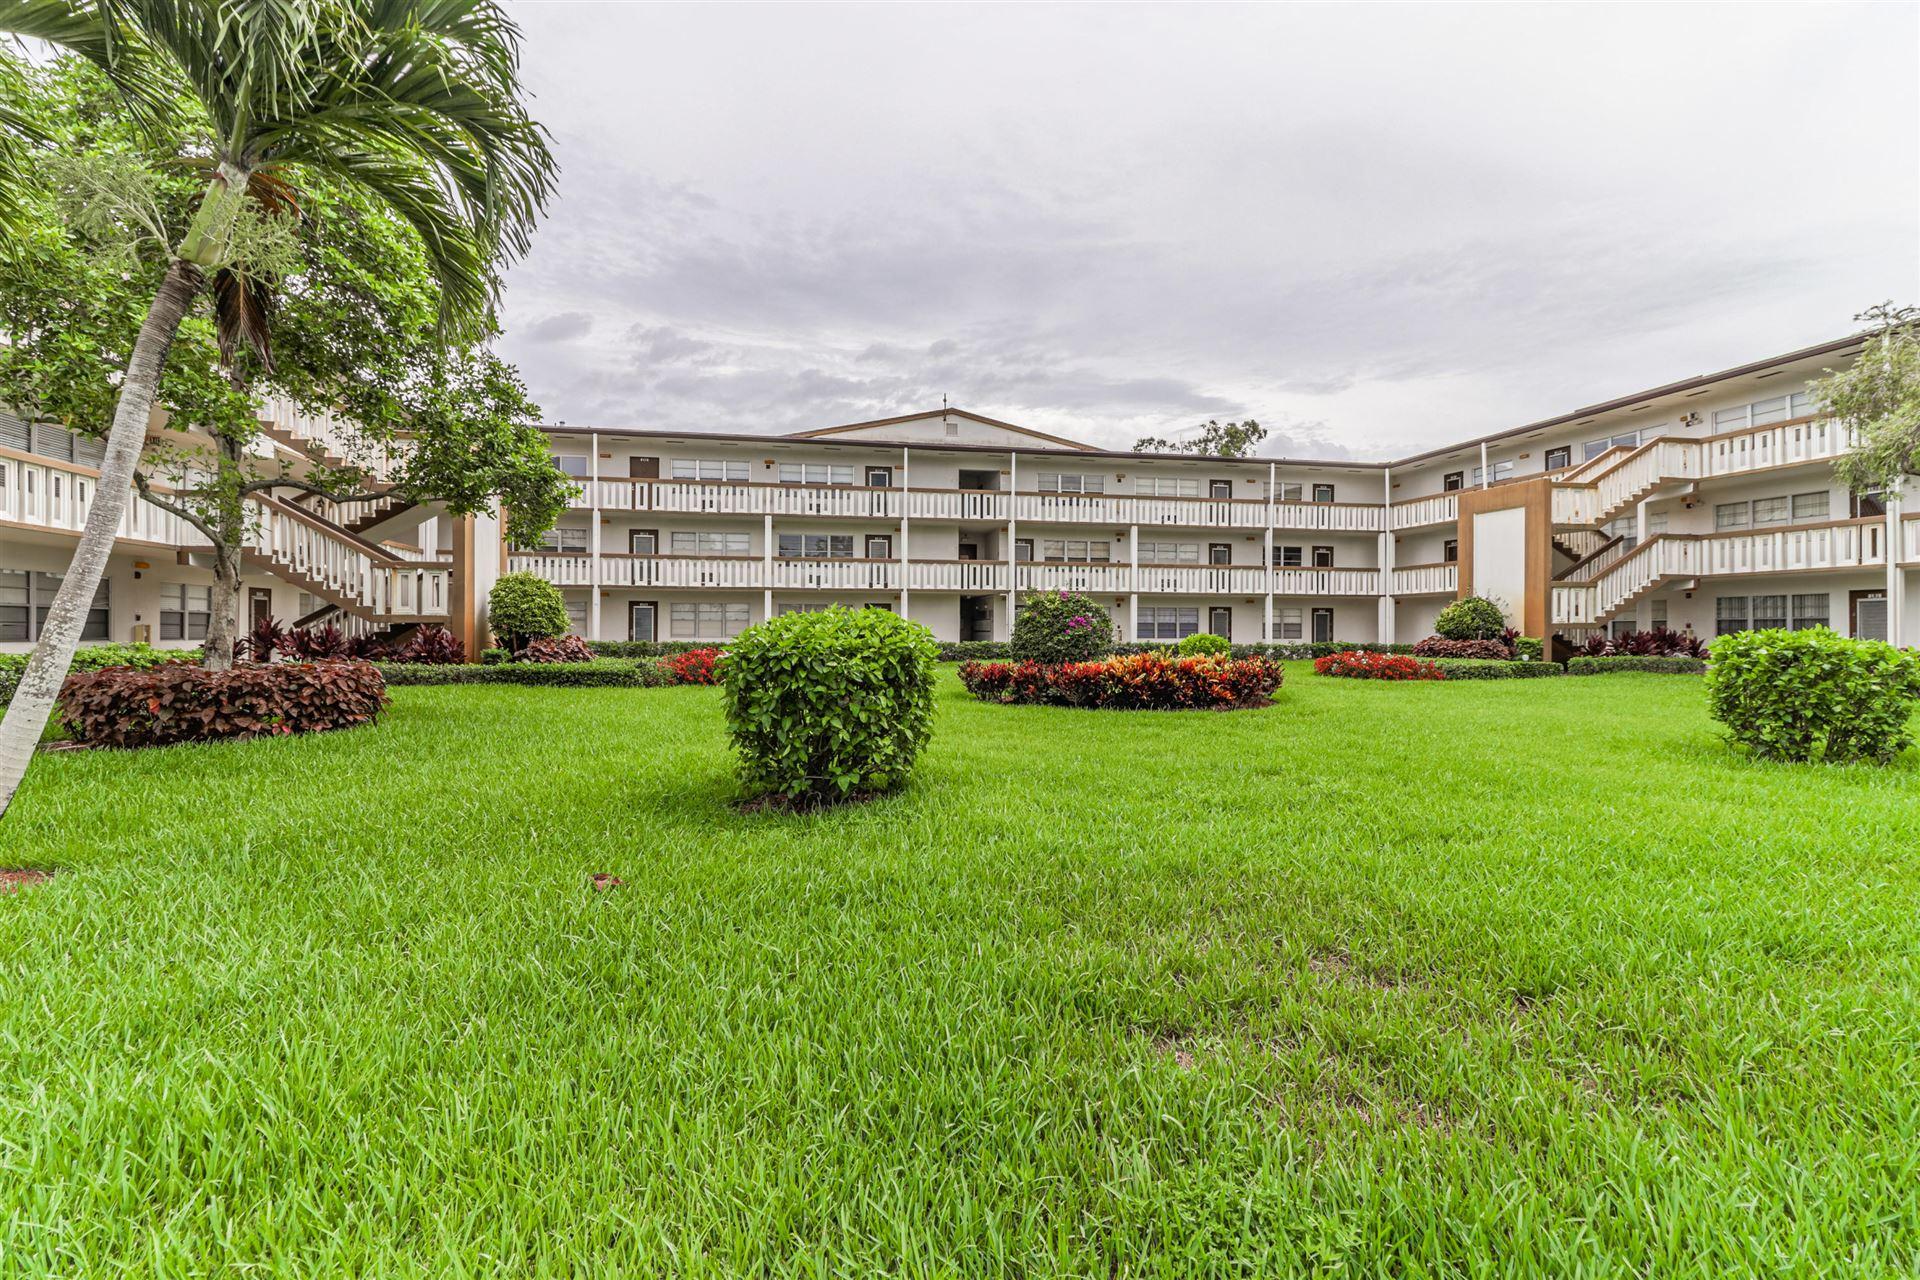 209 Mansfield E, Boca Raton, FL 33434 - #: RX-10727571